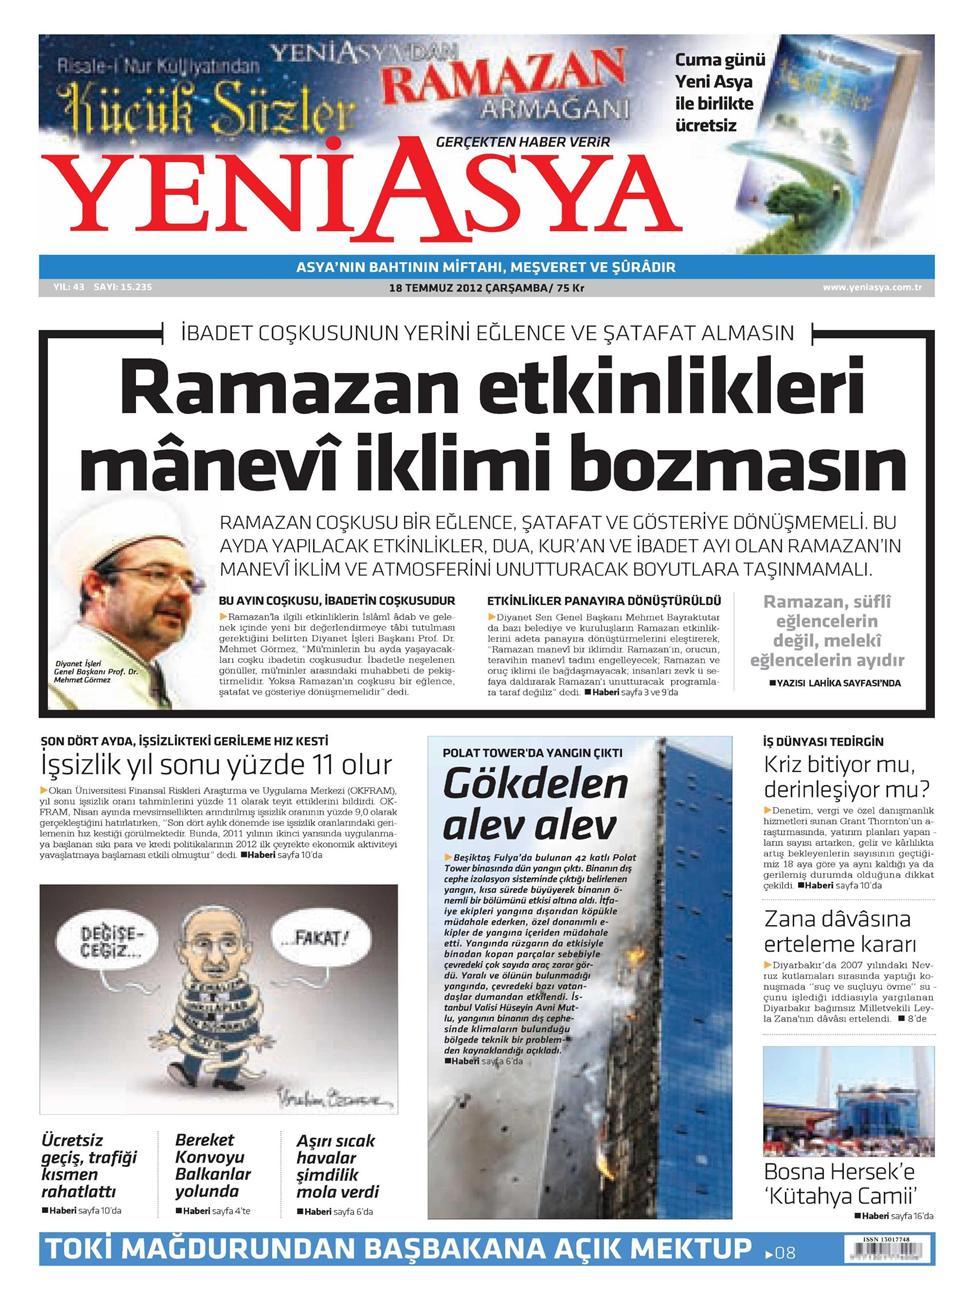 Gazete Manşetleri - 18 Temmuz 2012 20